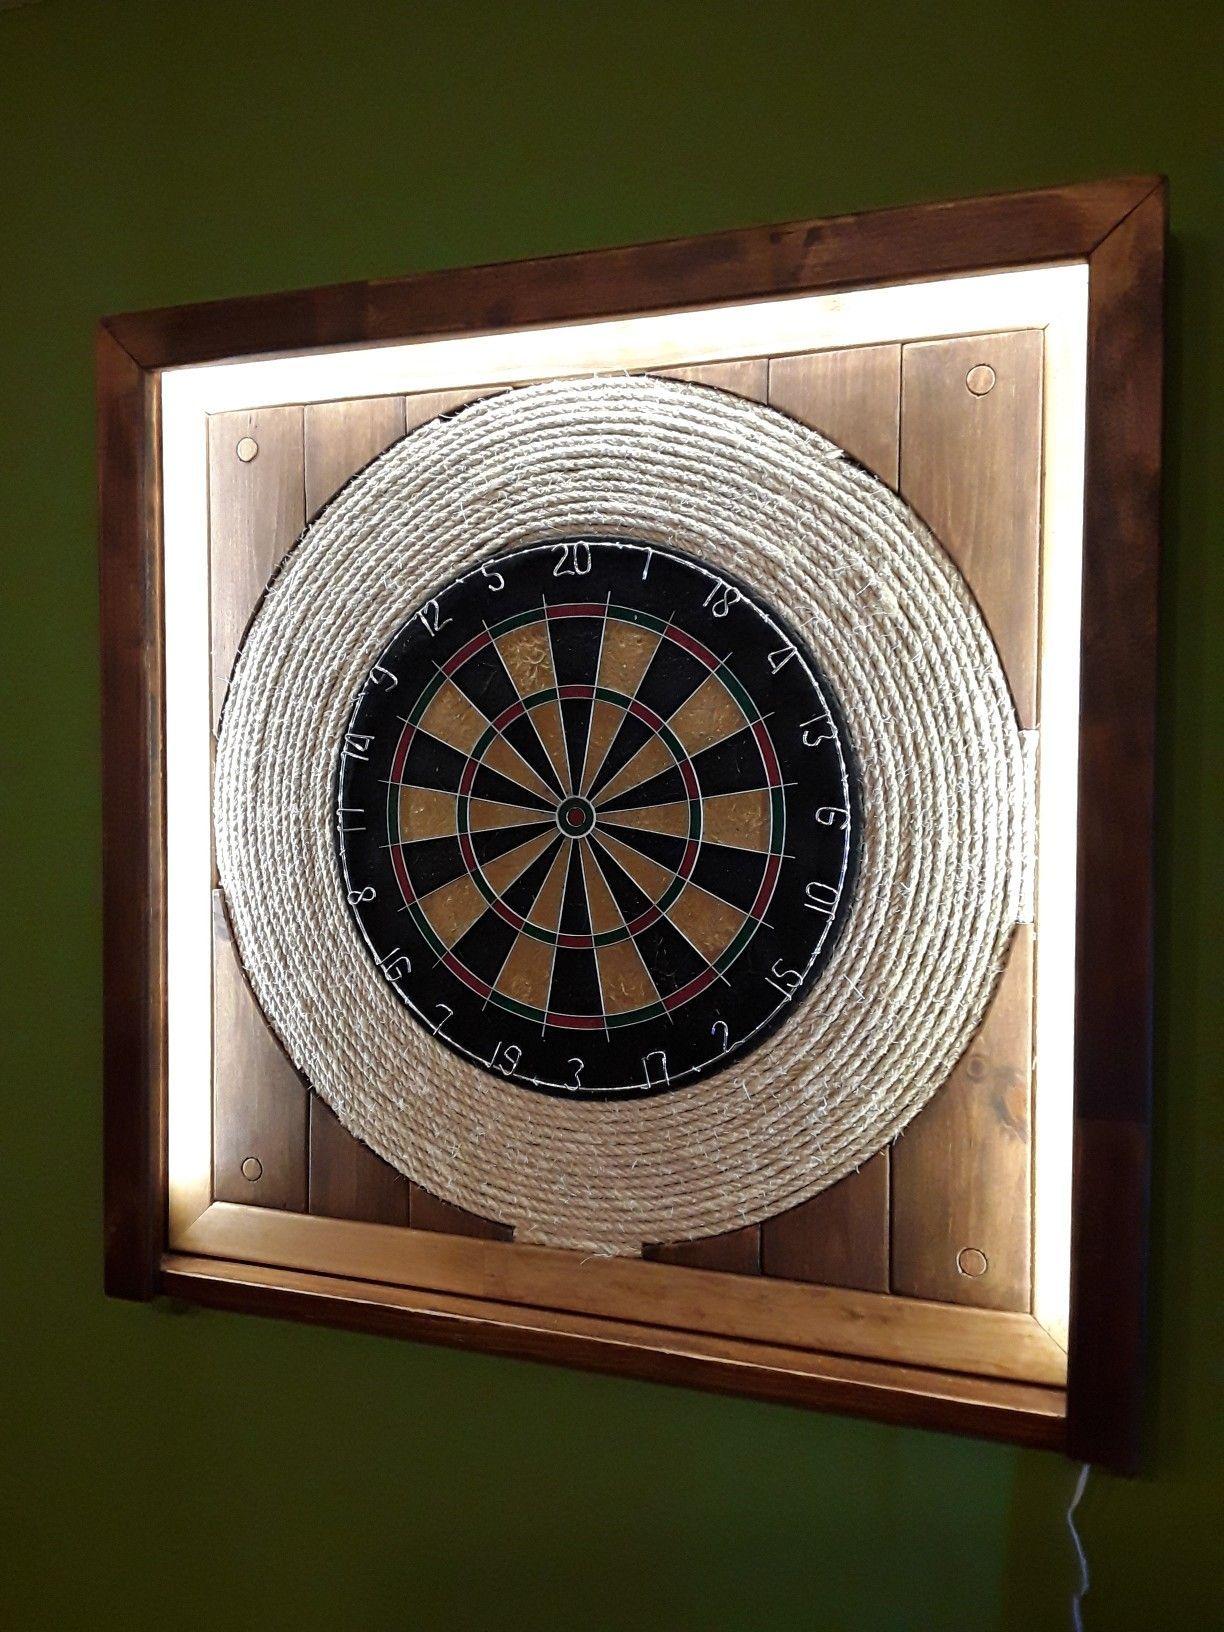 Darts L Darts Decoration Room Men Awesome Decoration Room Men Diy Crafts Decoration Room Men Inspiration Decoration In 2020 Dartscheibe Hobbyzimmer Billardzimmer